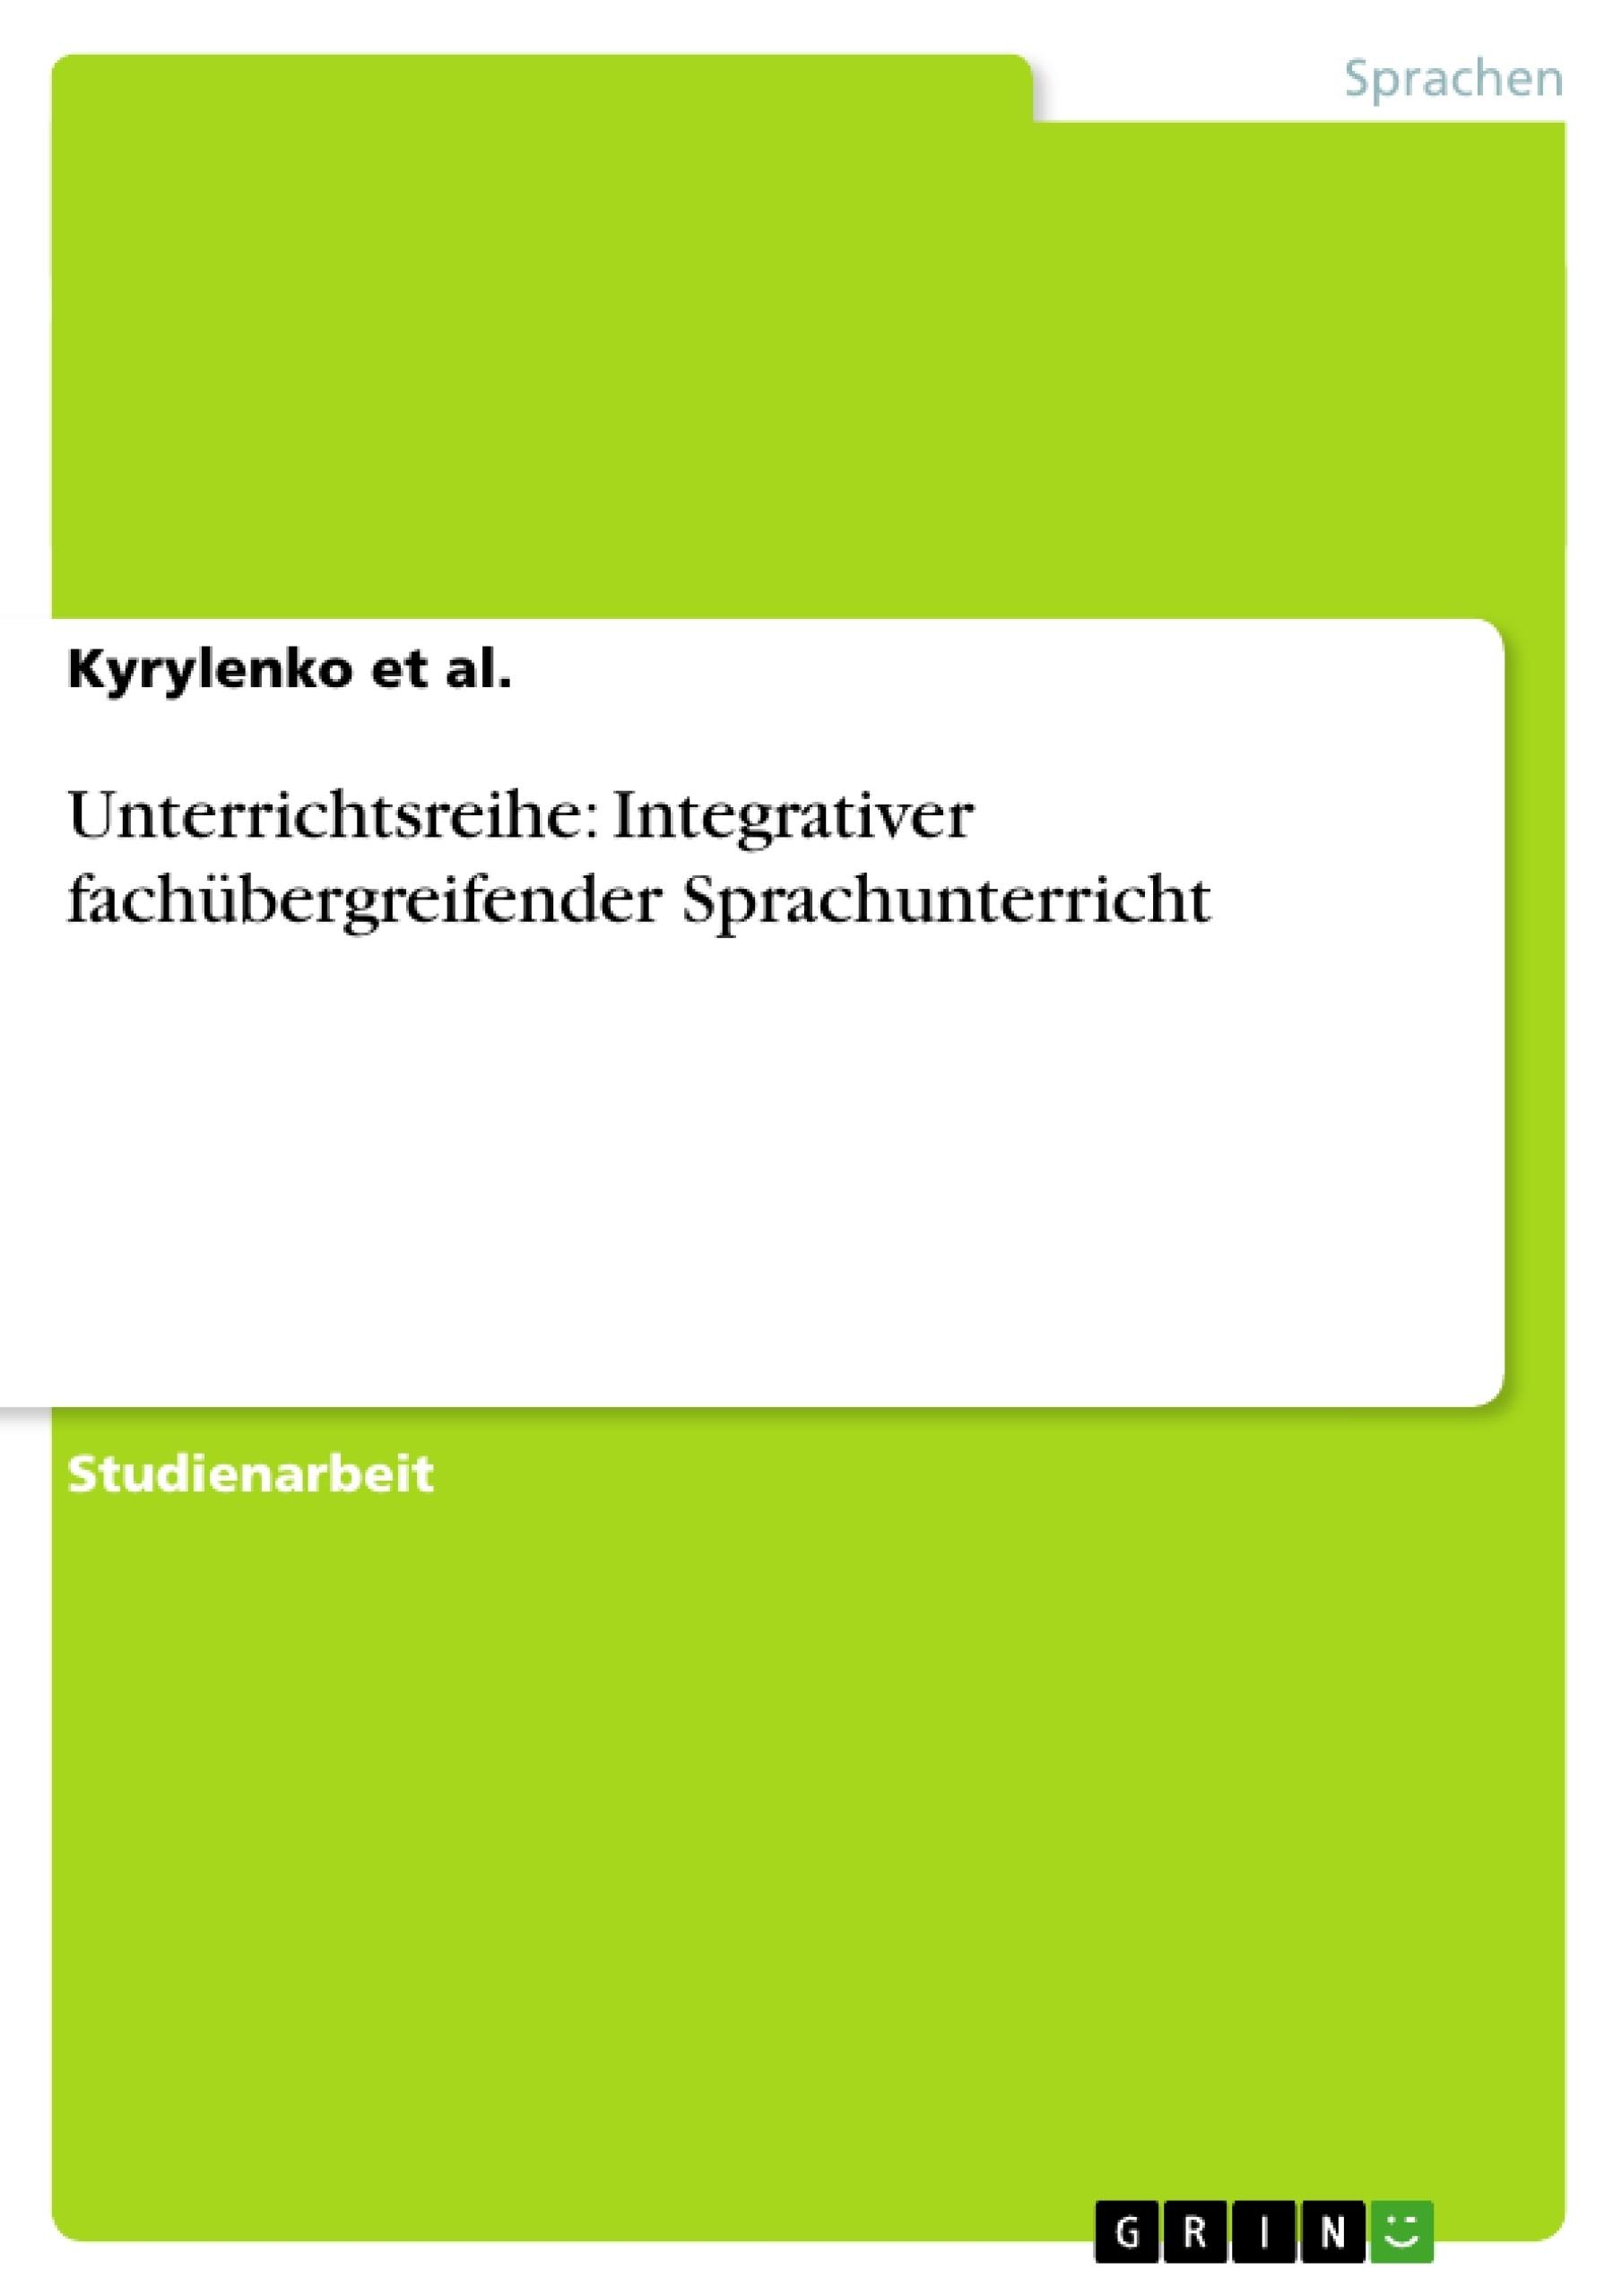 Titel: Unterrichtsreihe: Integrativer fachübergreifender Sprachunterricht